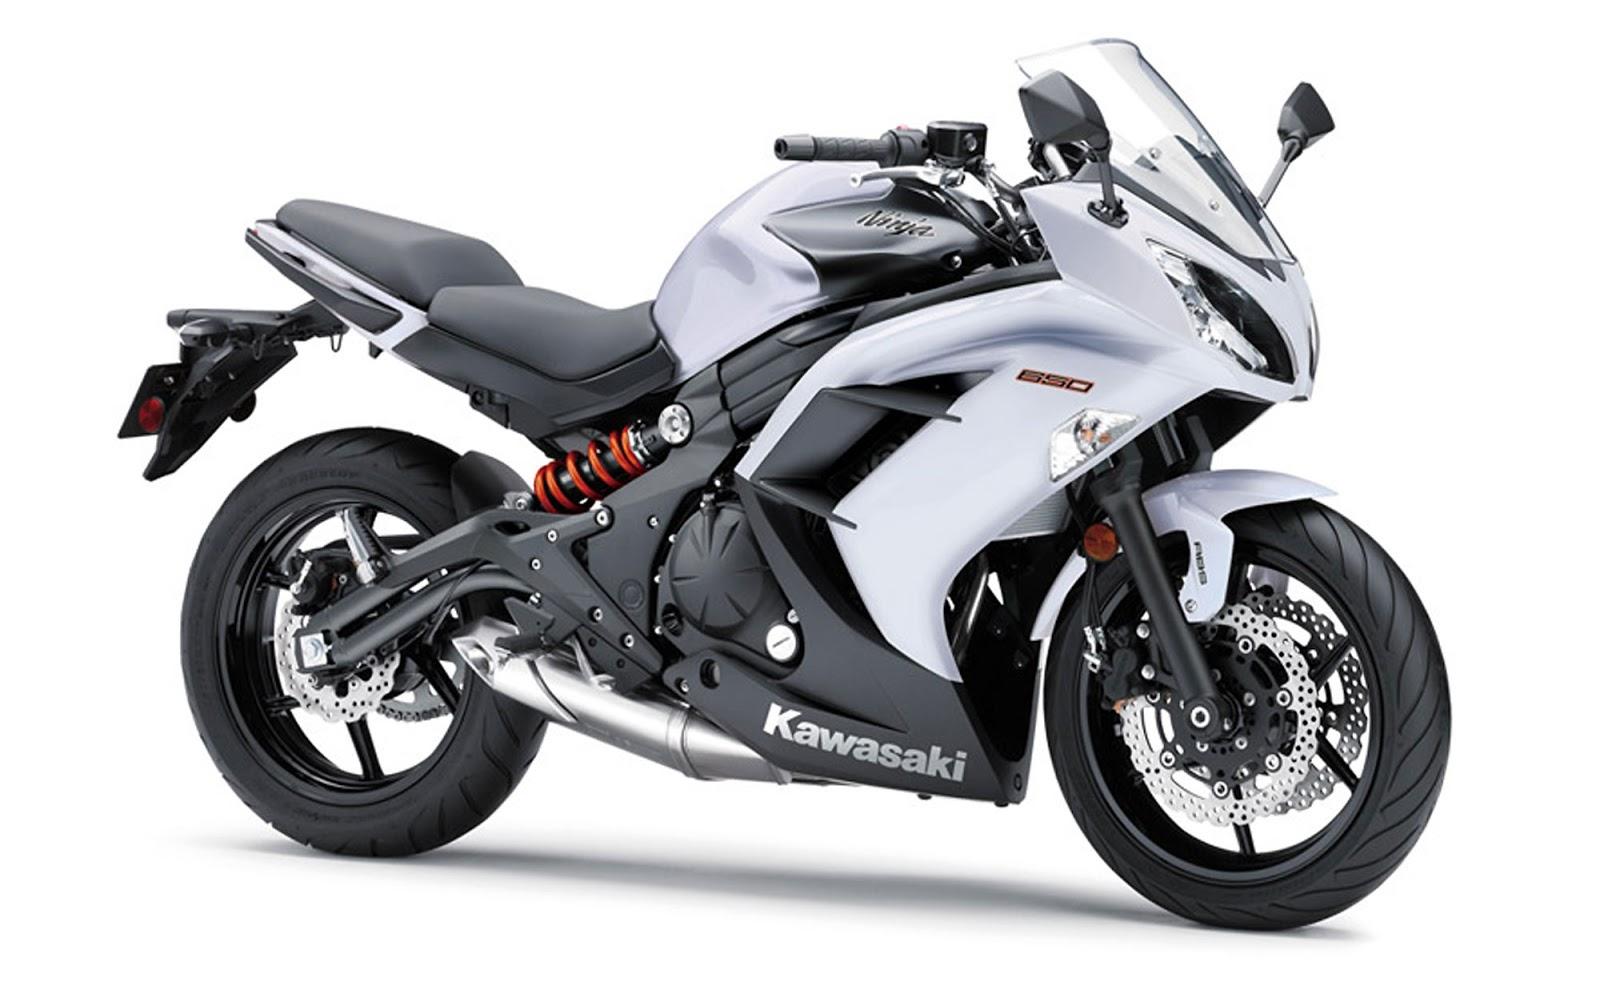 kawasaki motor bikes 2013 kawasaki ninja 650 abs